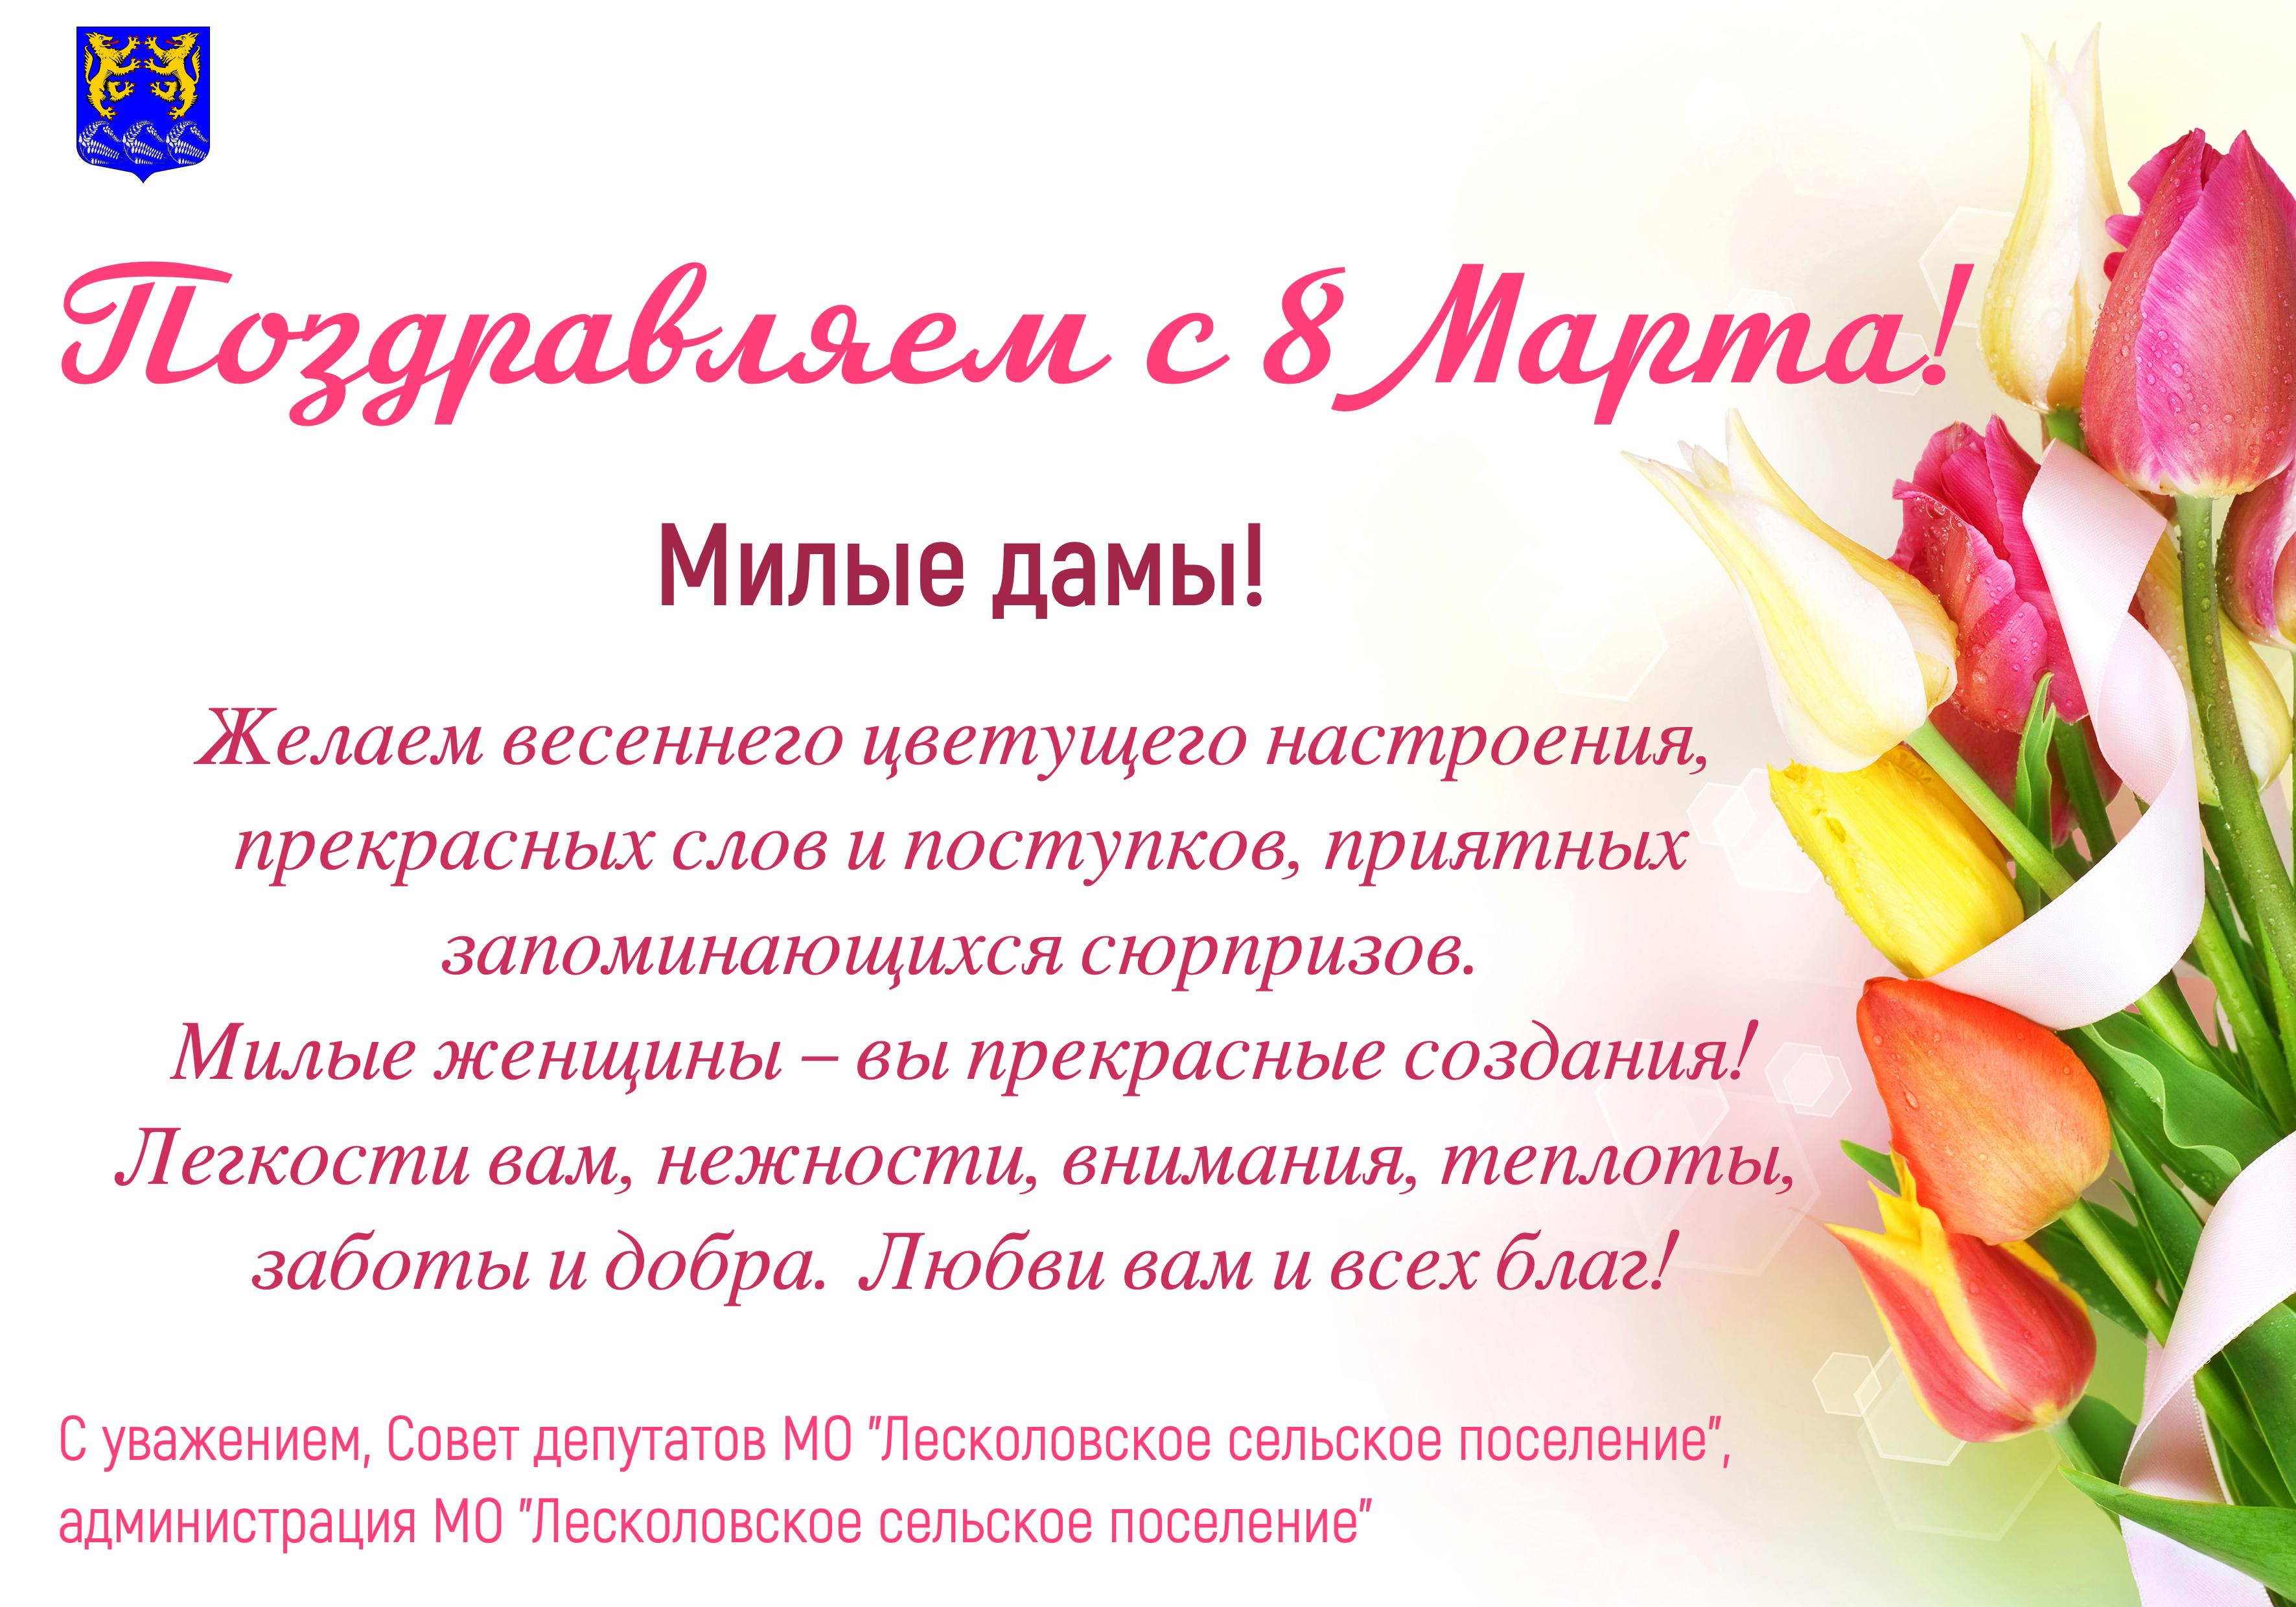 8 марта дамы